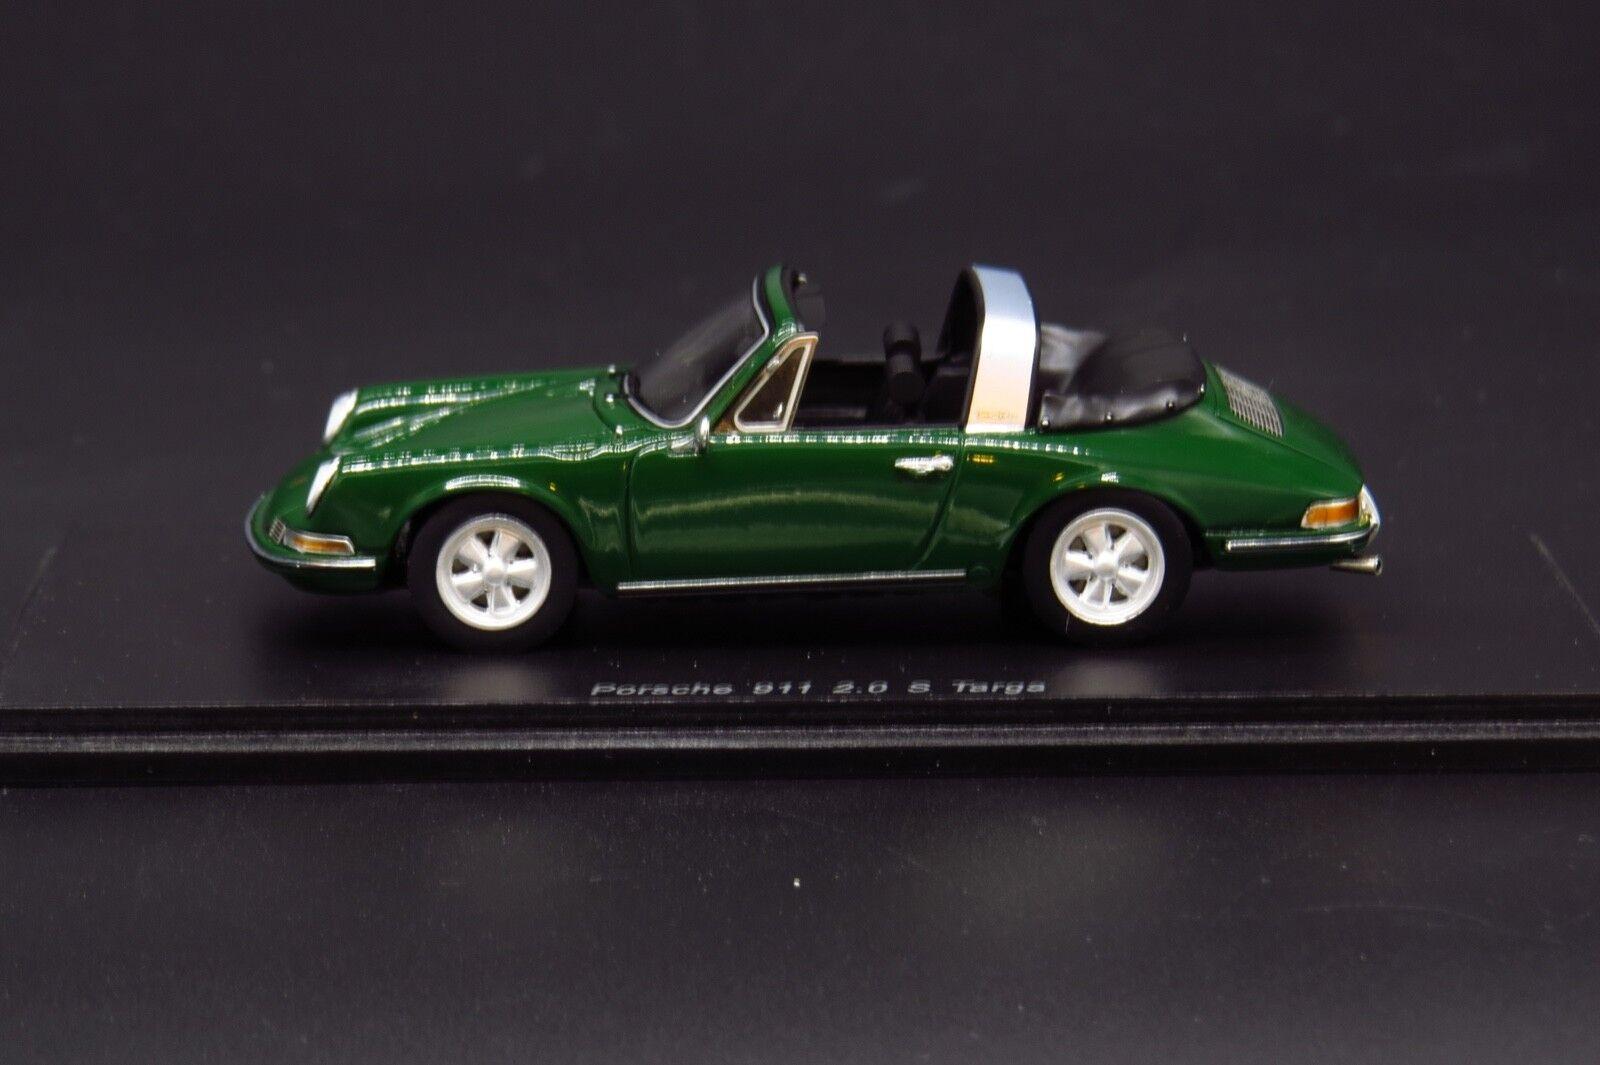 Porsche 911 2.0 S Targa 1967 Spark 1 43 S4464